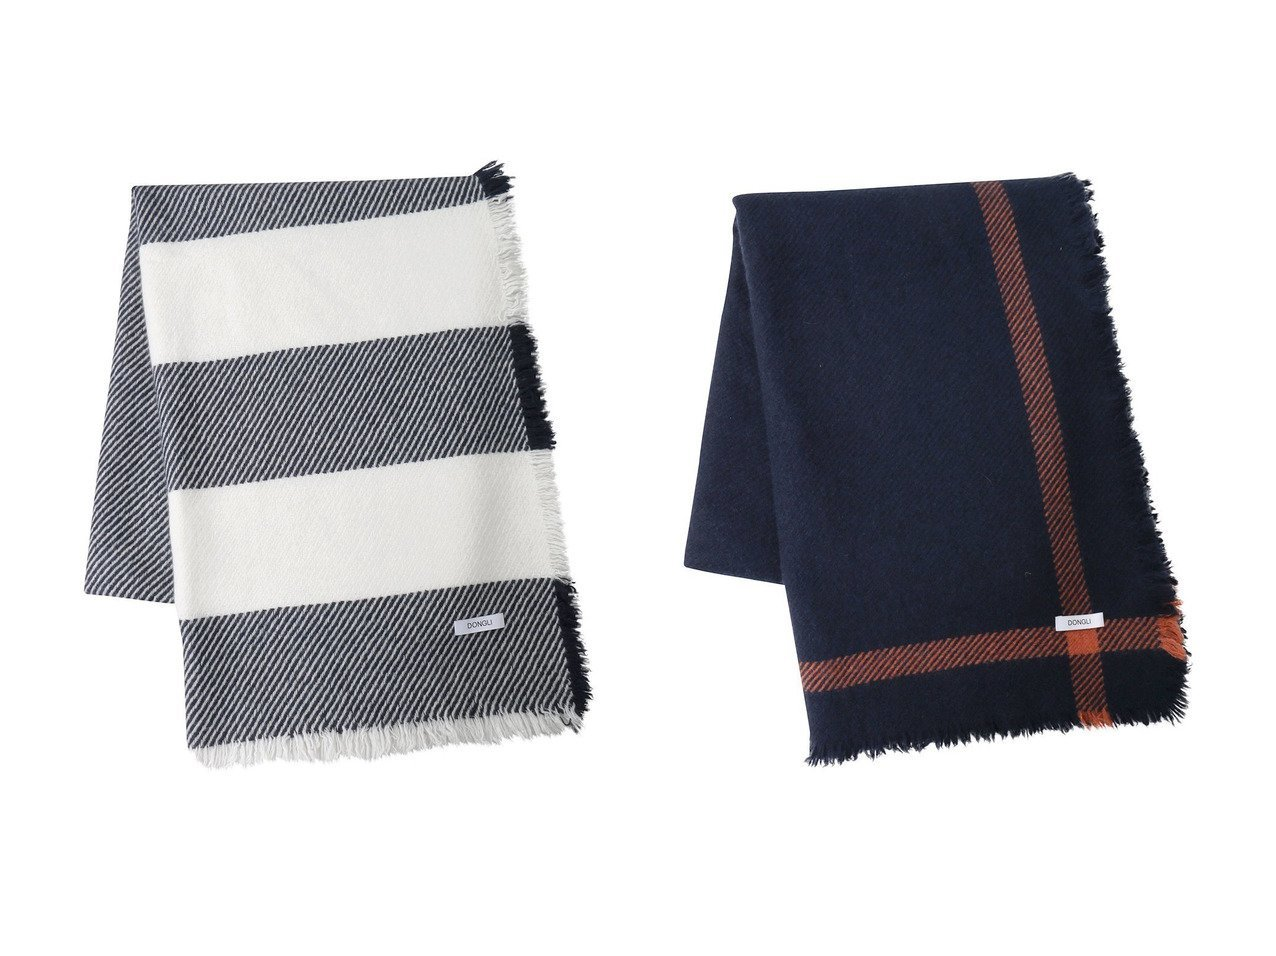 【DONGLI/ドンリー】のHALF BLANCKET&CROSS LINE BLANKET 【FURNITURE】おすすめ!人気、インテリア雑貨・家具の通販  おすすめで人気の流行・トレンド、ファッションの通販商品 インテリア・家具・メンズファッション・キッズファッション・レディースファッション・服の通販 founy(ファニー) https://founy.com/ UNISEX ブランケット ボーダー 防寒 カシミヤ フリンジ  ID:crp329100000072326